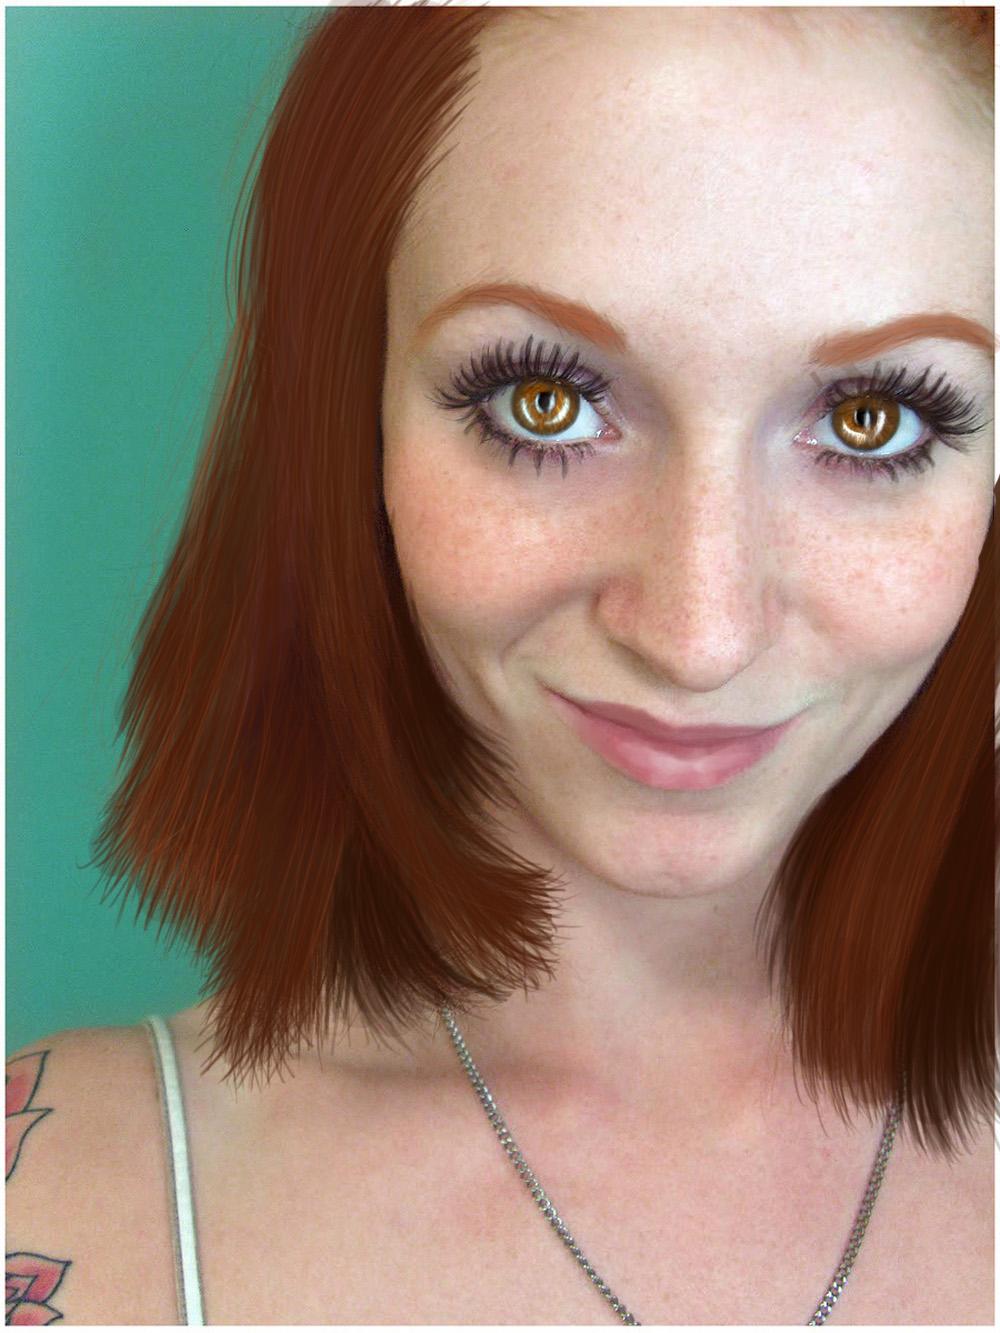 Freckles Painting by bleedangel